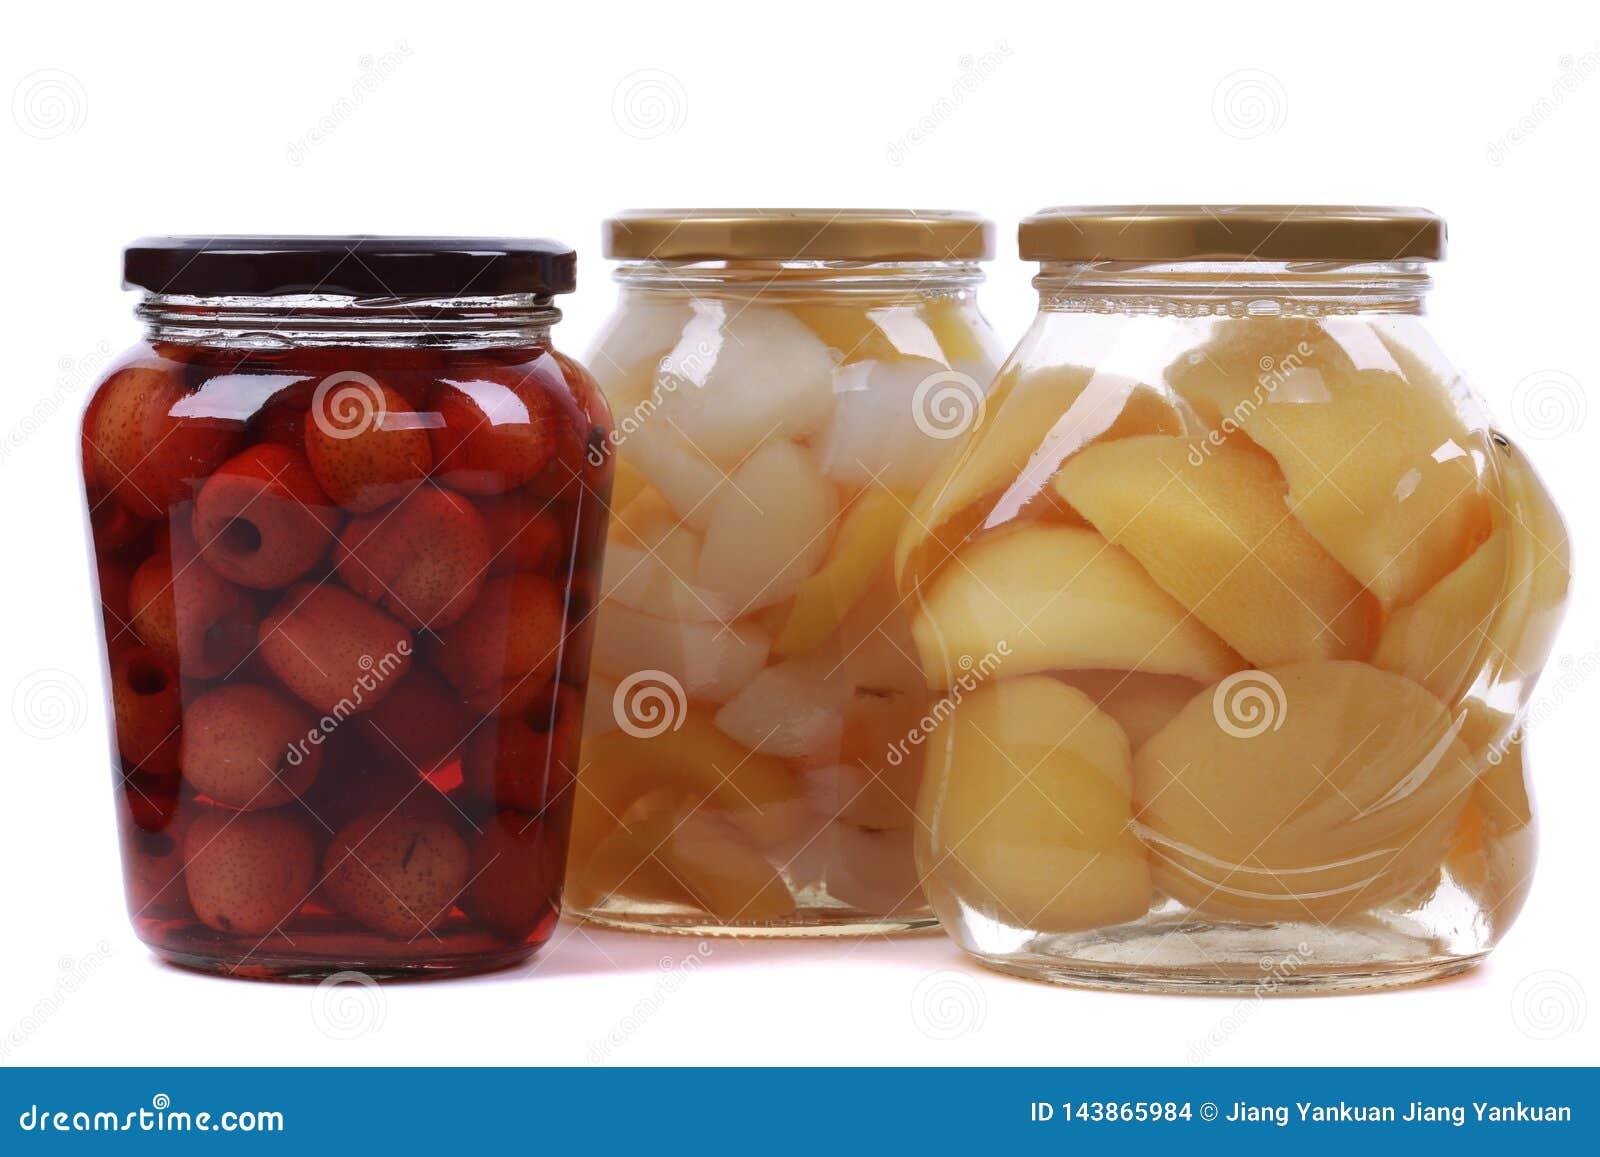 Различные законсервированные плоды в стеклянных бутылках